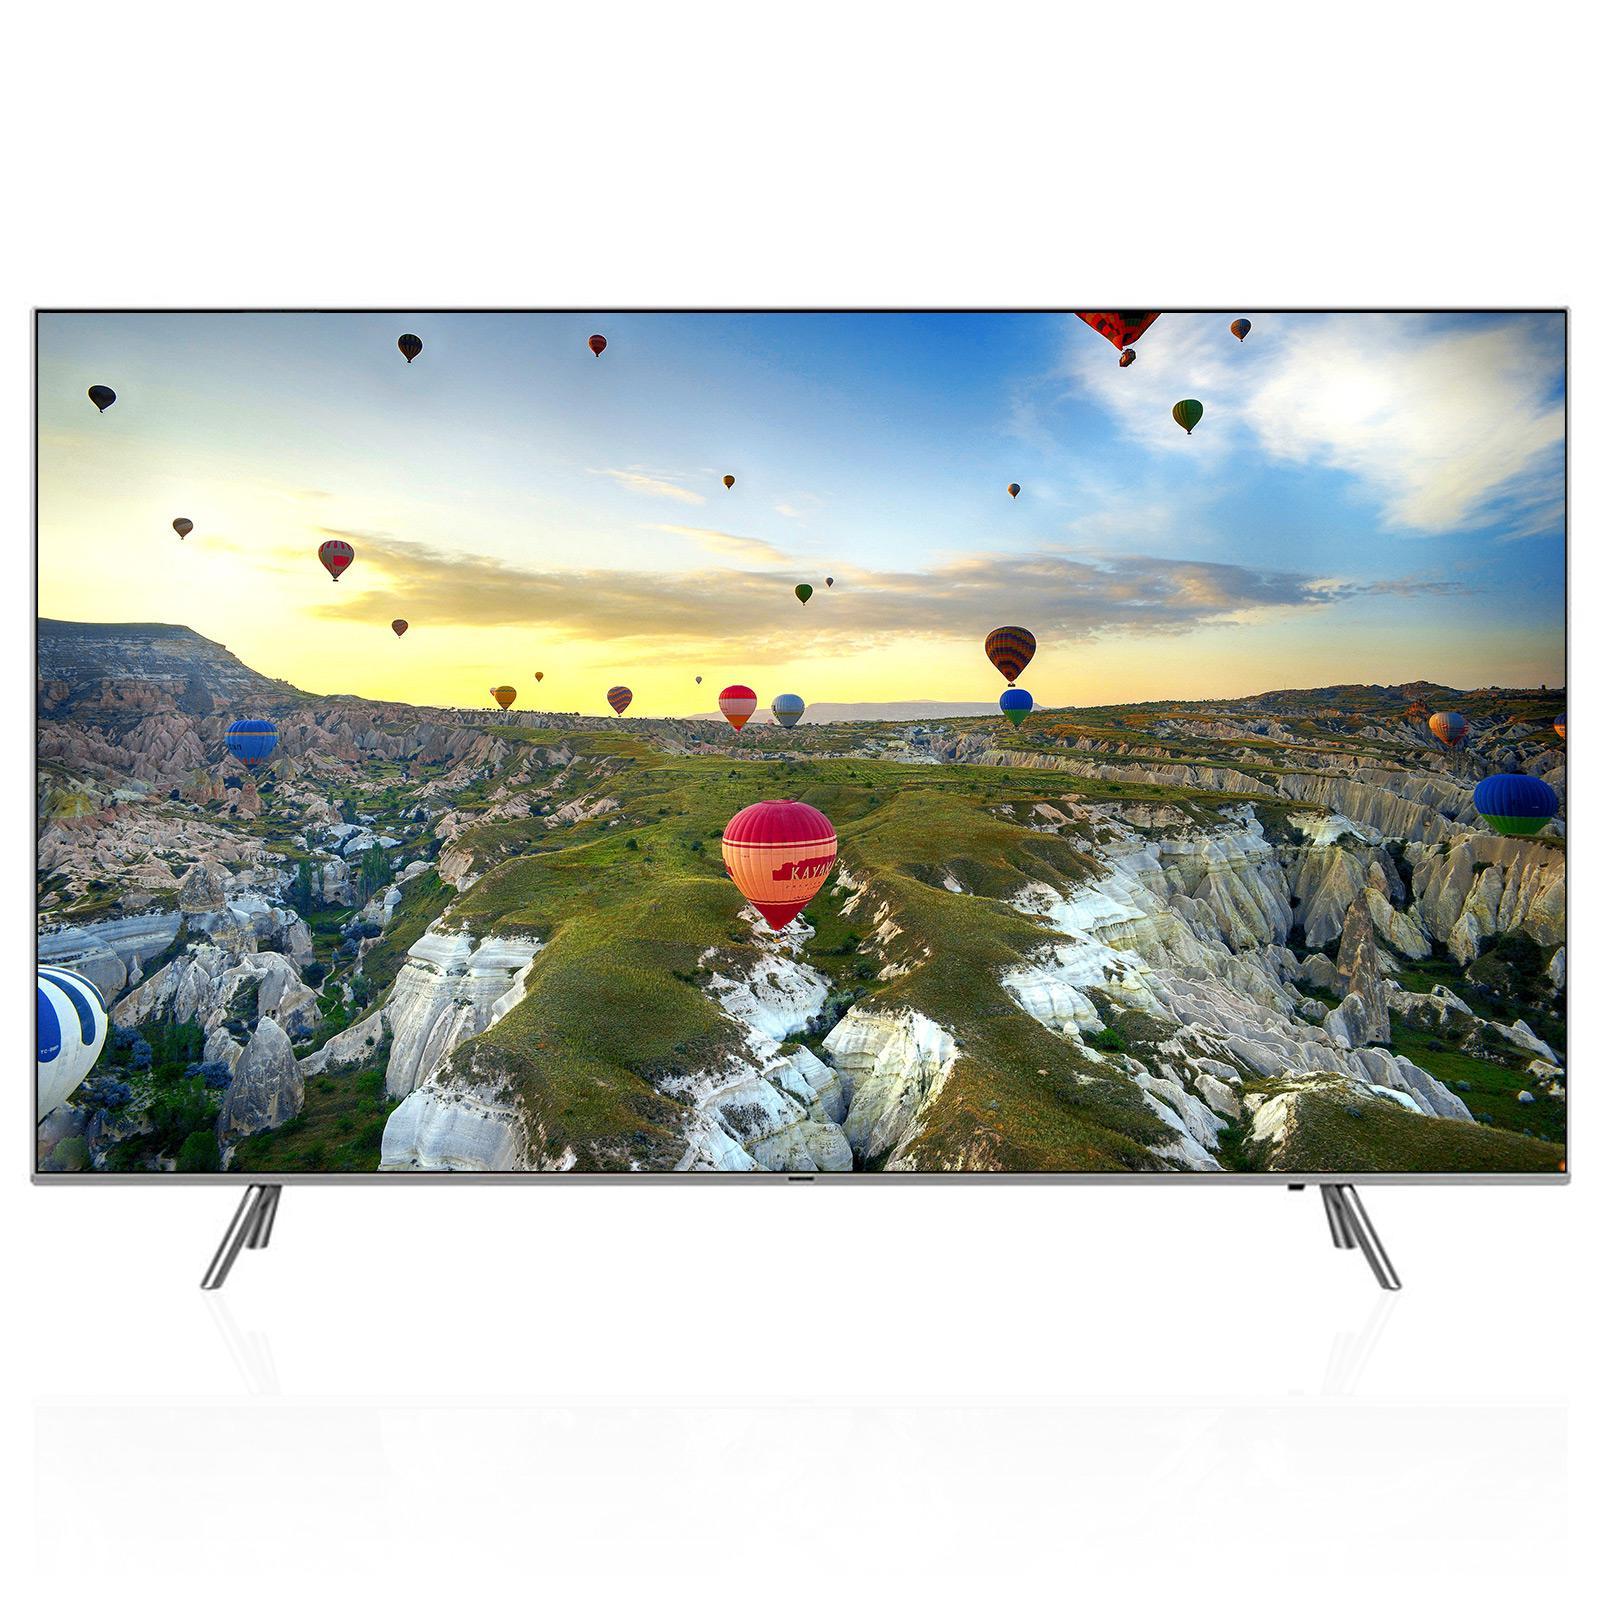 Samsung Qe75q6fna 75 Zoll Uhd 4k 2800pqi Flat Qled Smart Tv Twin